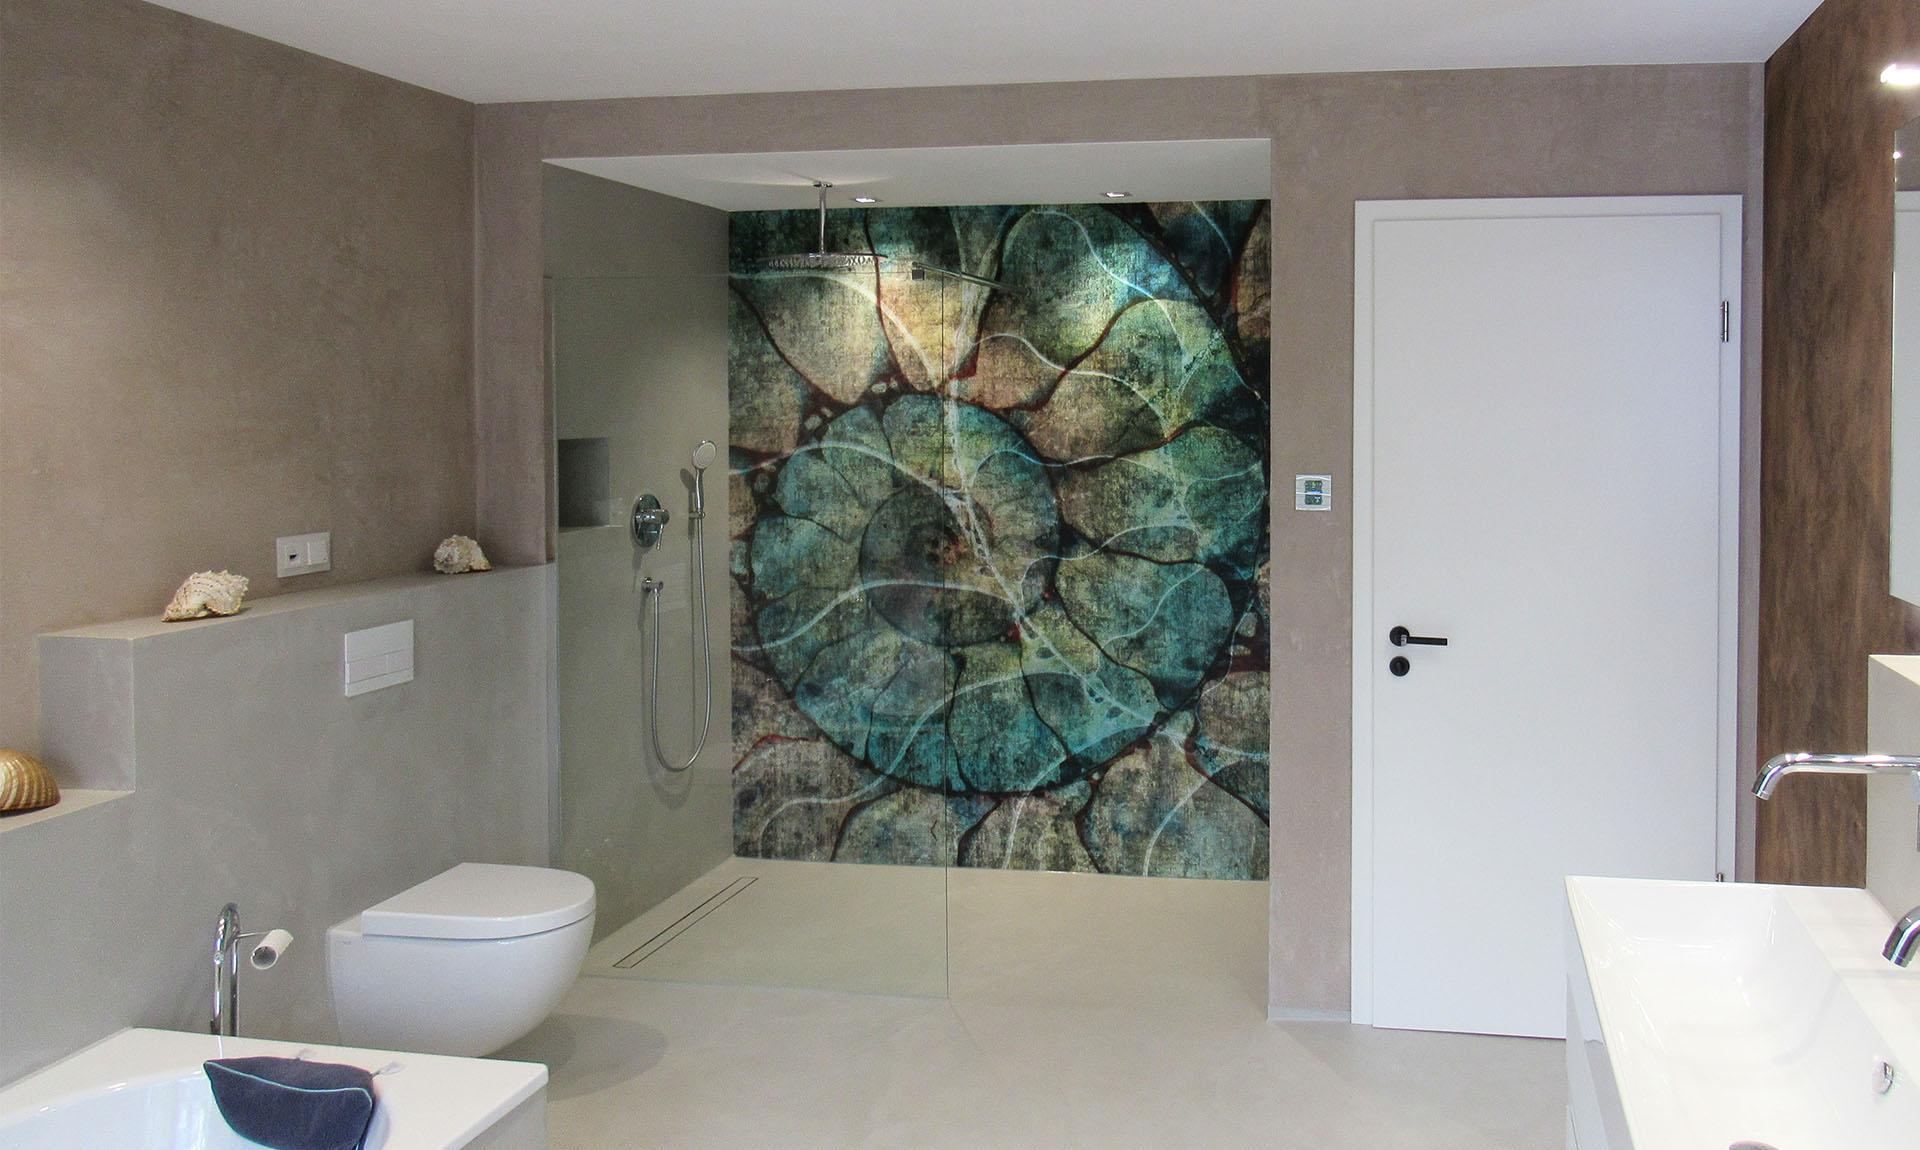 Badezimmer Tapeten von Glamora sind abwischbar und in vielen wunderschönen Motiven erhältlich